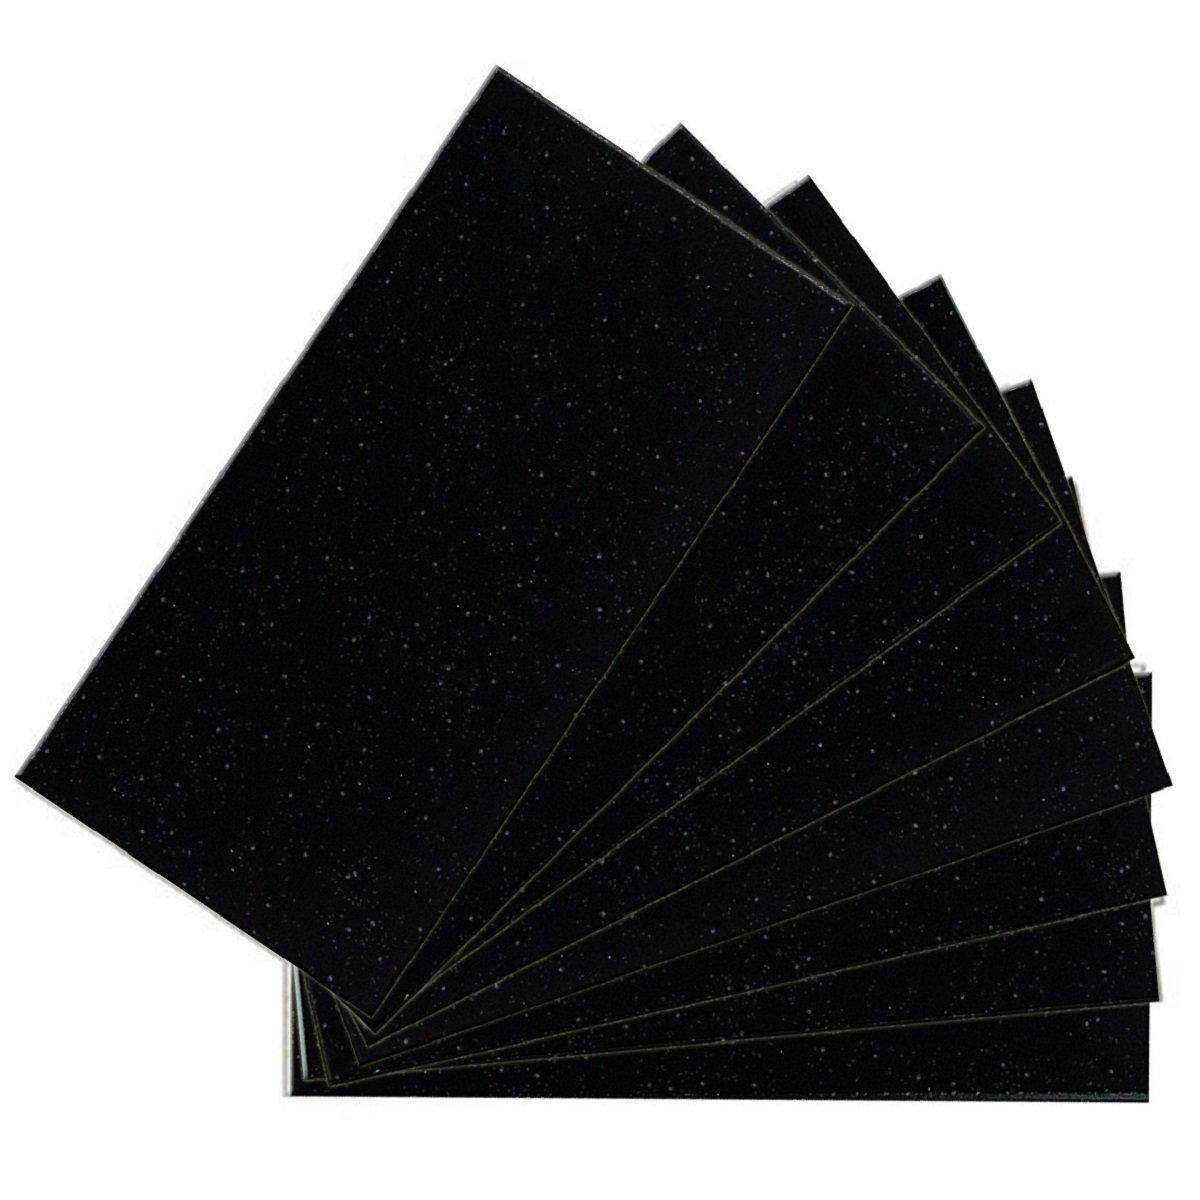 SkinnyTile 4415 Glass Wall Tile, 6'' x 3'', Black